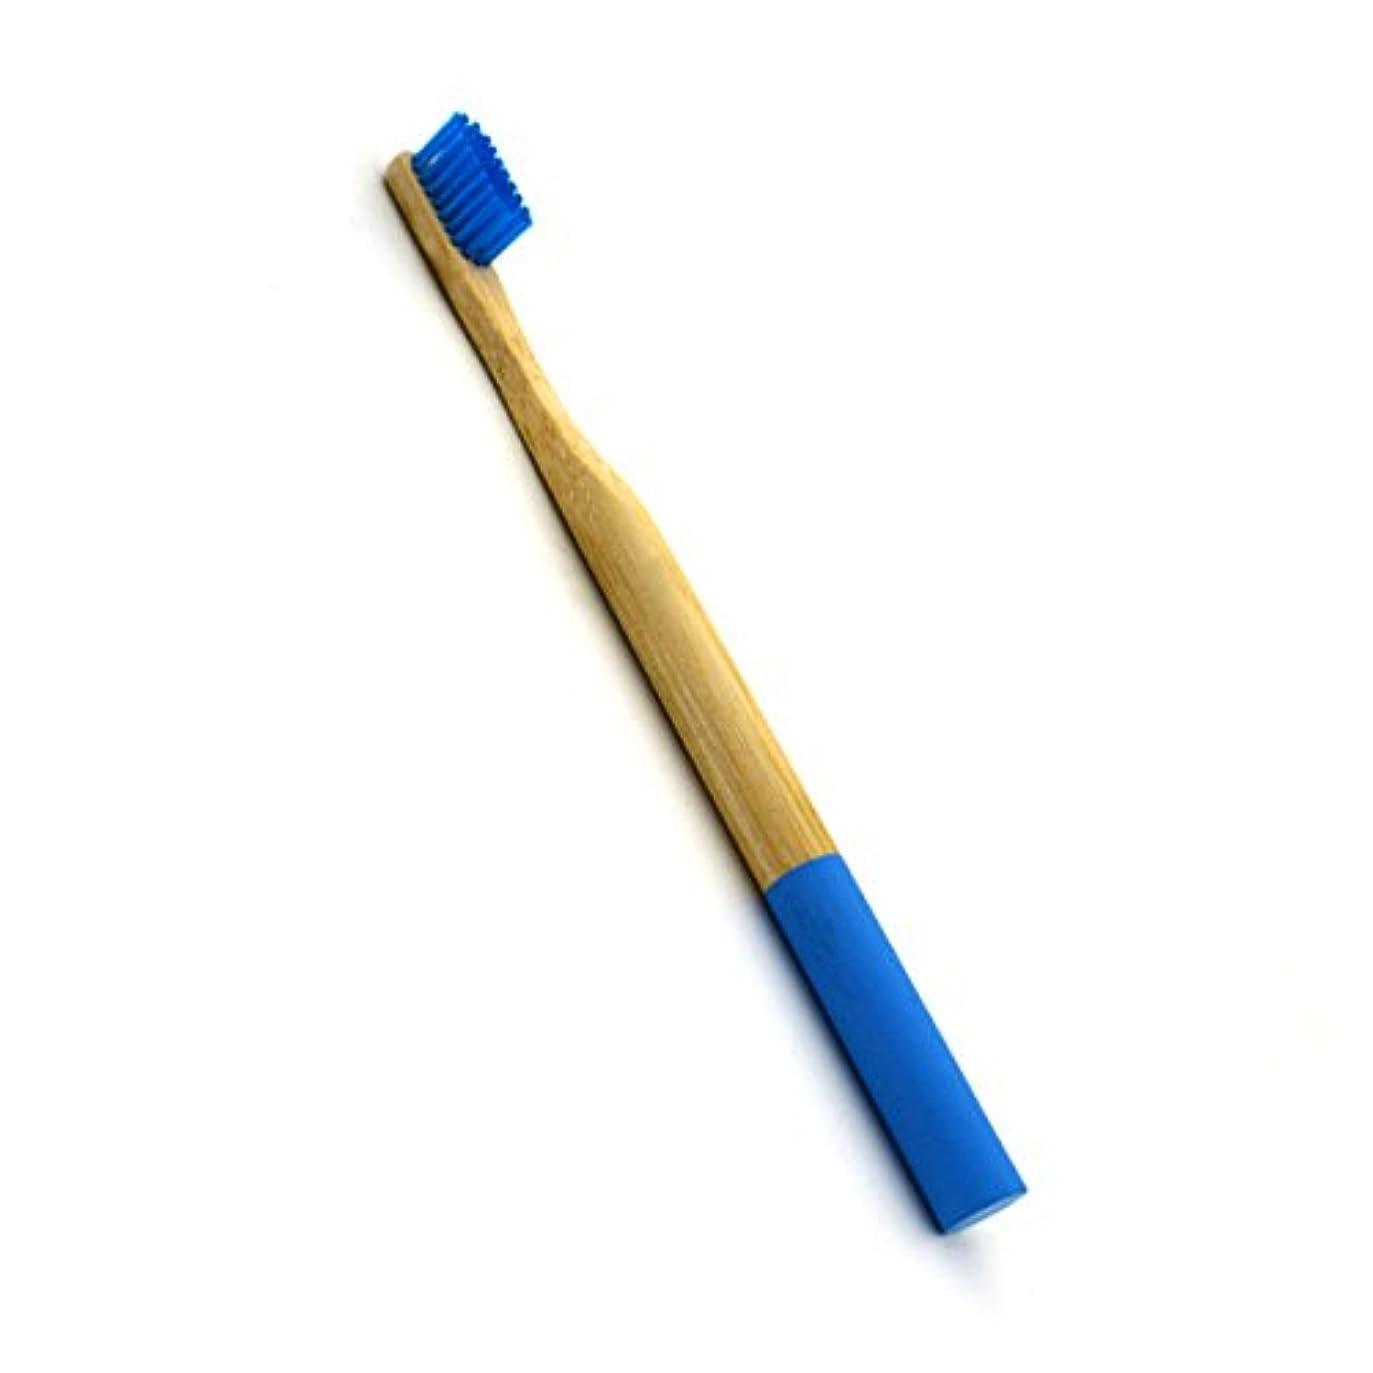 起きている無条件リスクROSENICE 竹歯ブラシラウンドハンドル自然な竹成人環境にやさしいソフトブリストル旅行歯ブラシ